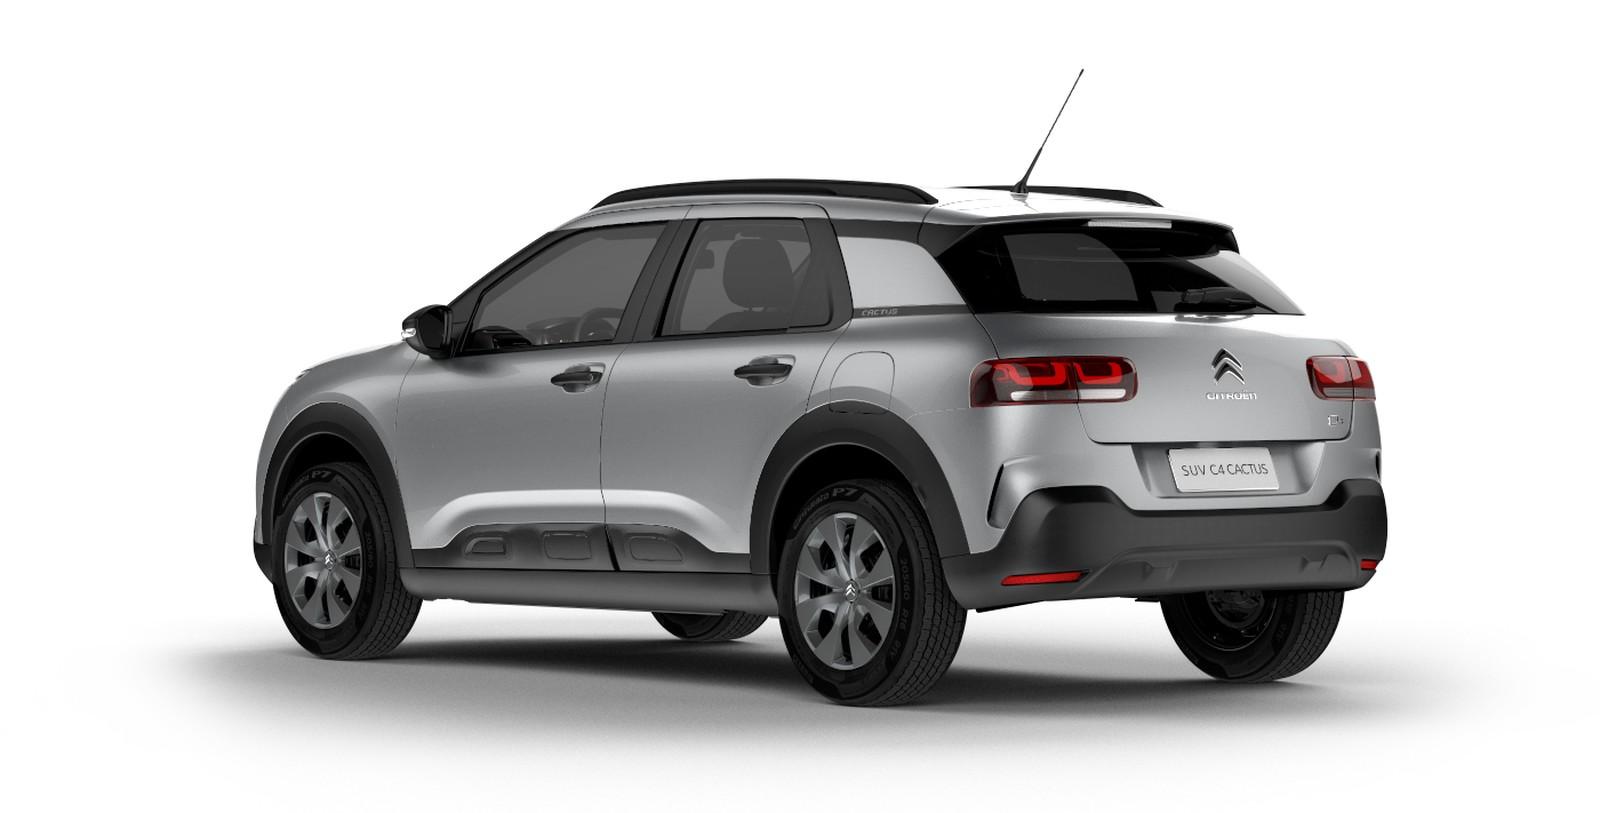 Citroën C4 Cactus PcD 2019 | Divulgação